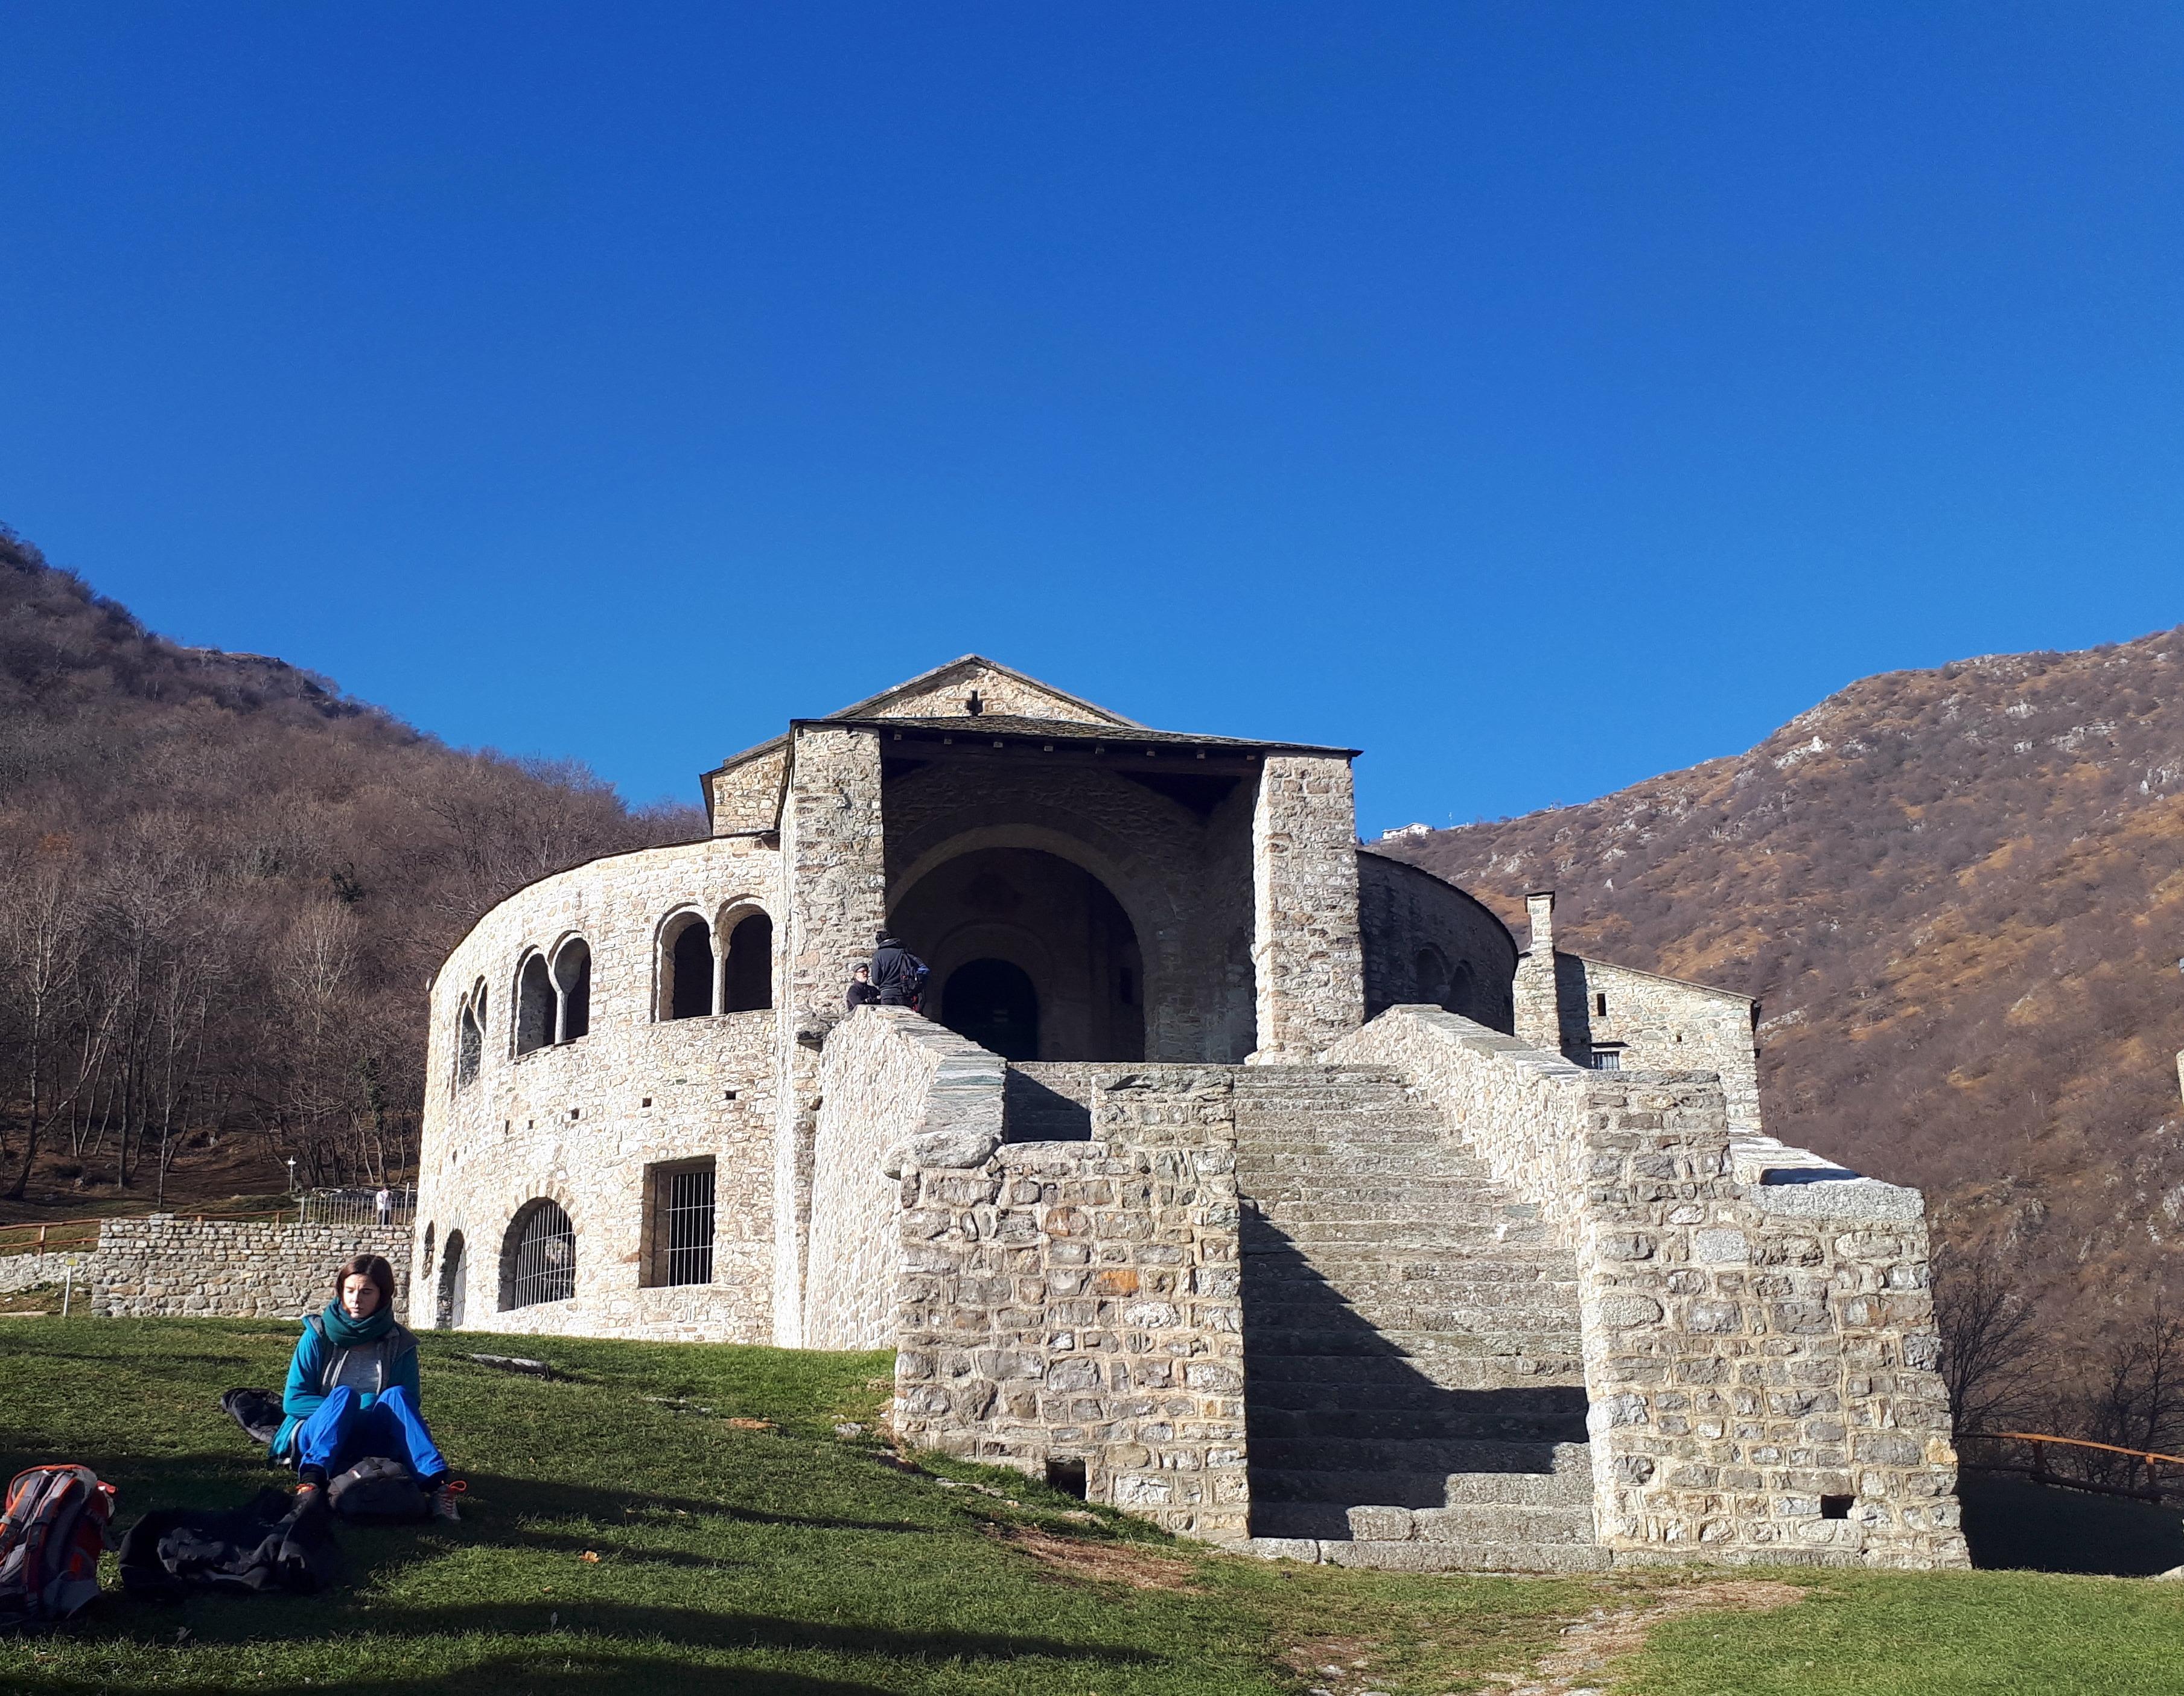 Il gigante edificio monastico con il suo bel pratone di contorno